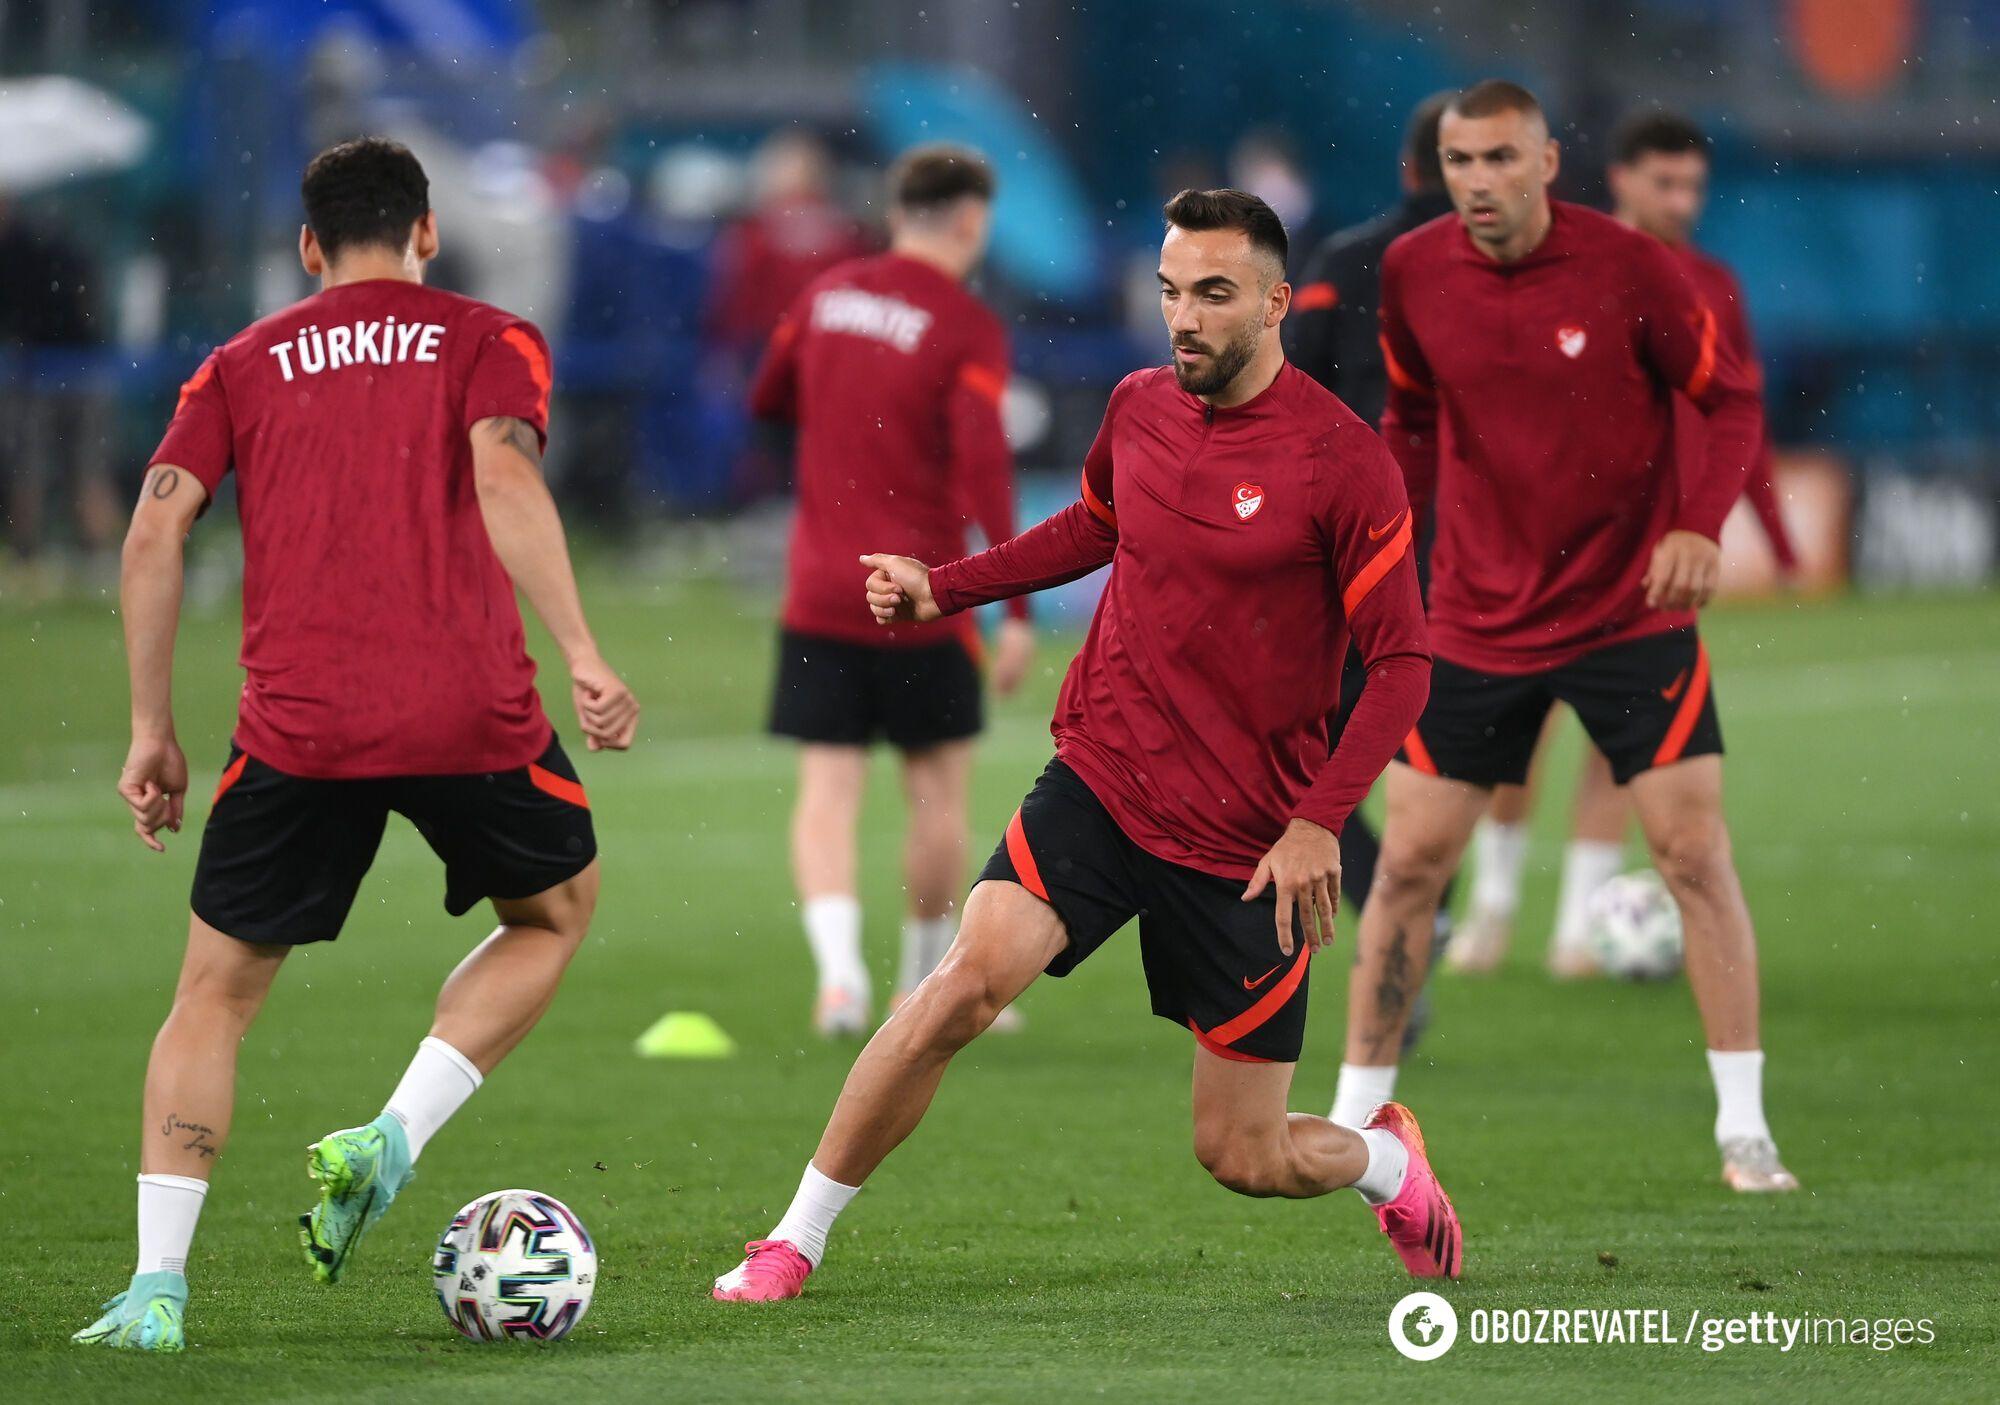 Турецкие футболисты.